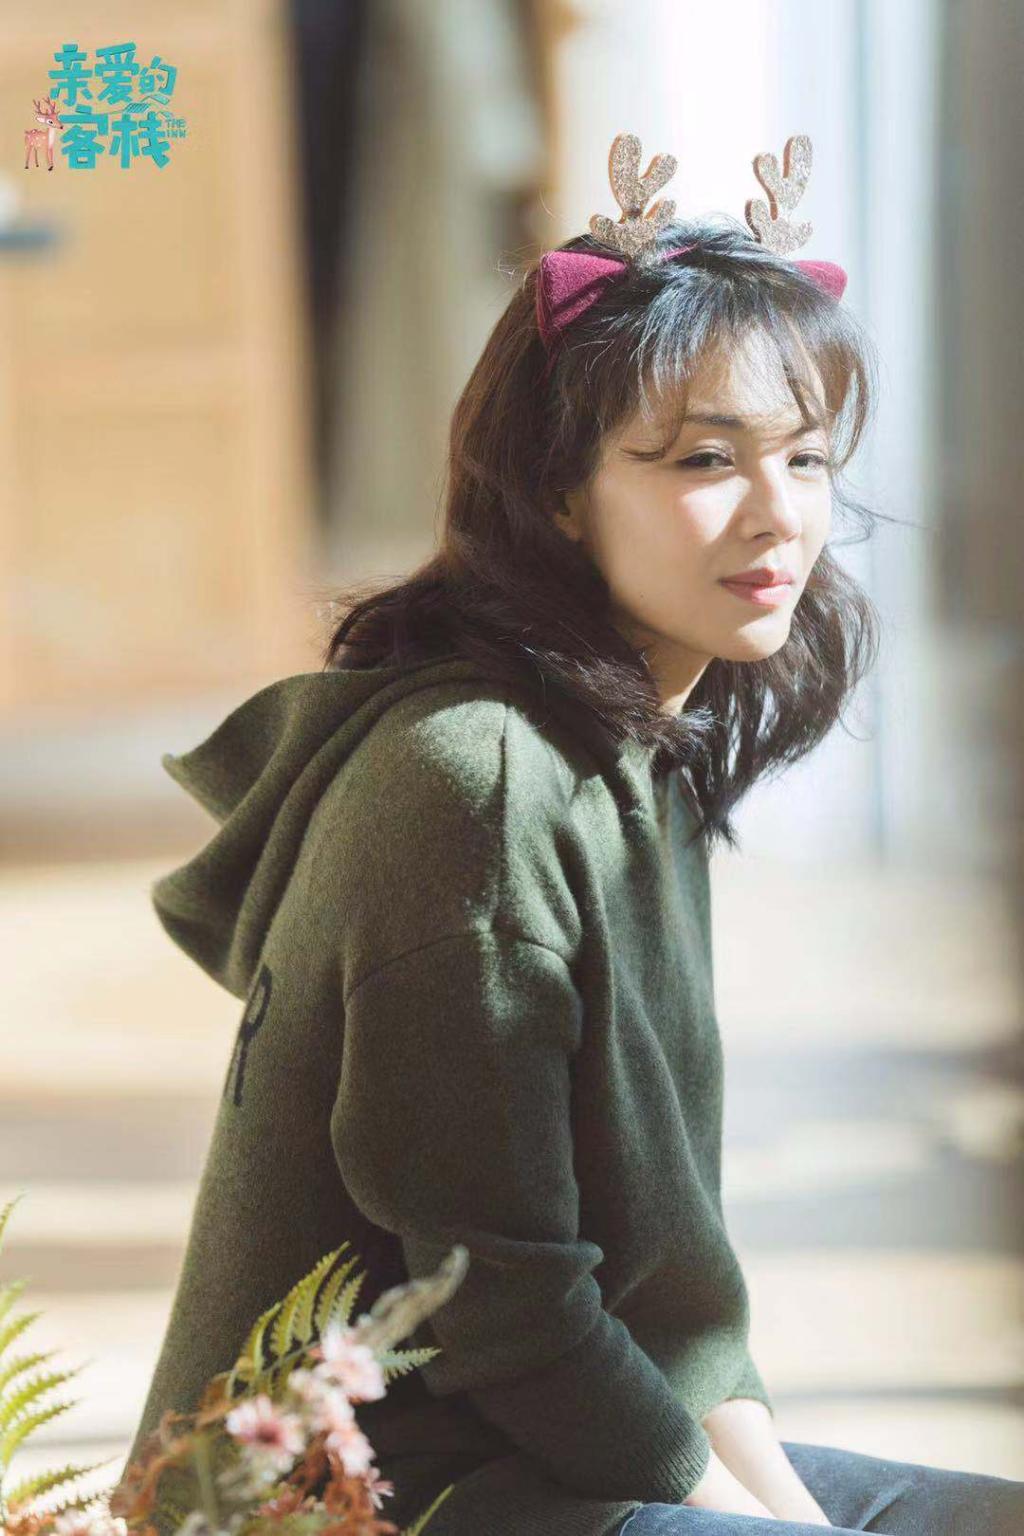 《亲爱的客栈》刘涛传授异地恋经验 歌声感动跨国恋人